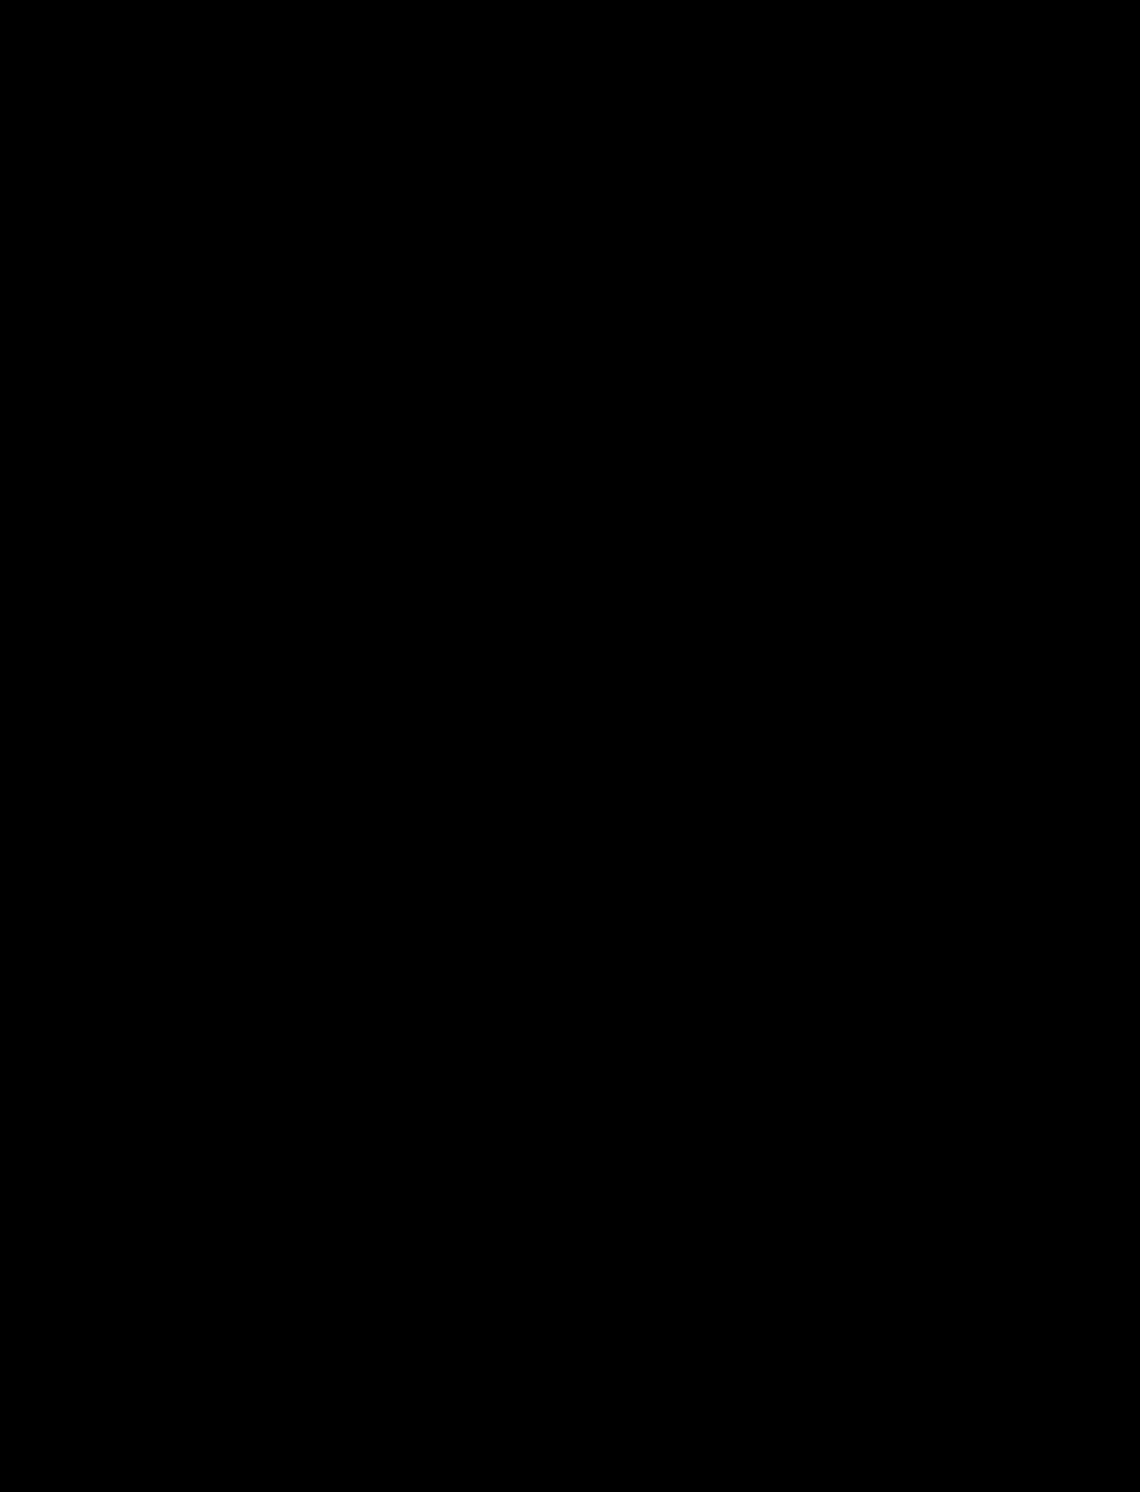 Coloriage À Imprimer Animaux Mignon - Coloriage à imprimer : Animaux Chien numéro 4313